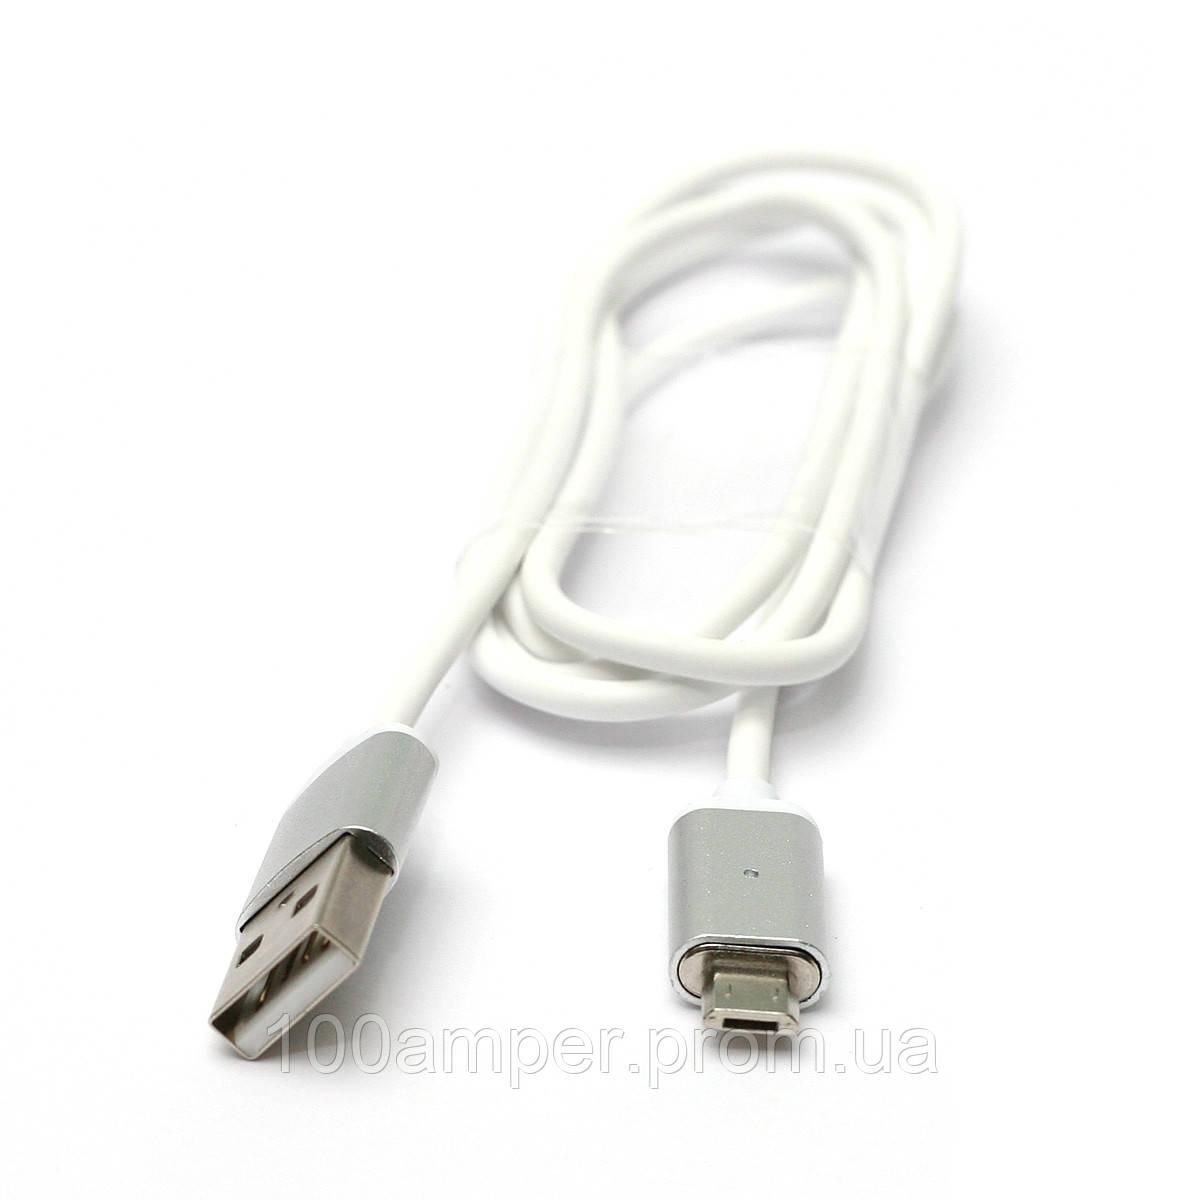 Кабель PowerPlant Magnetic USB 2.0 AM - Micro, 1м